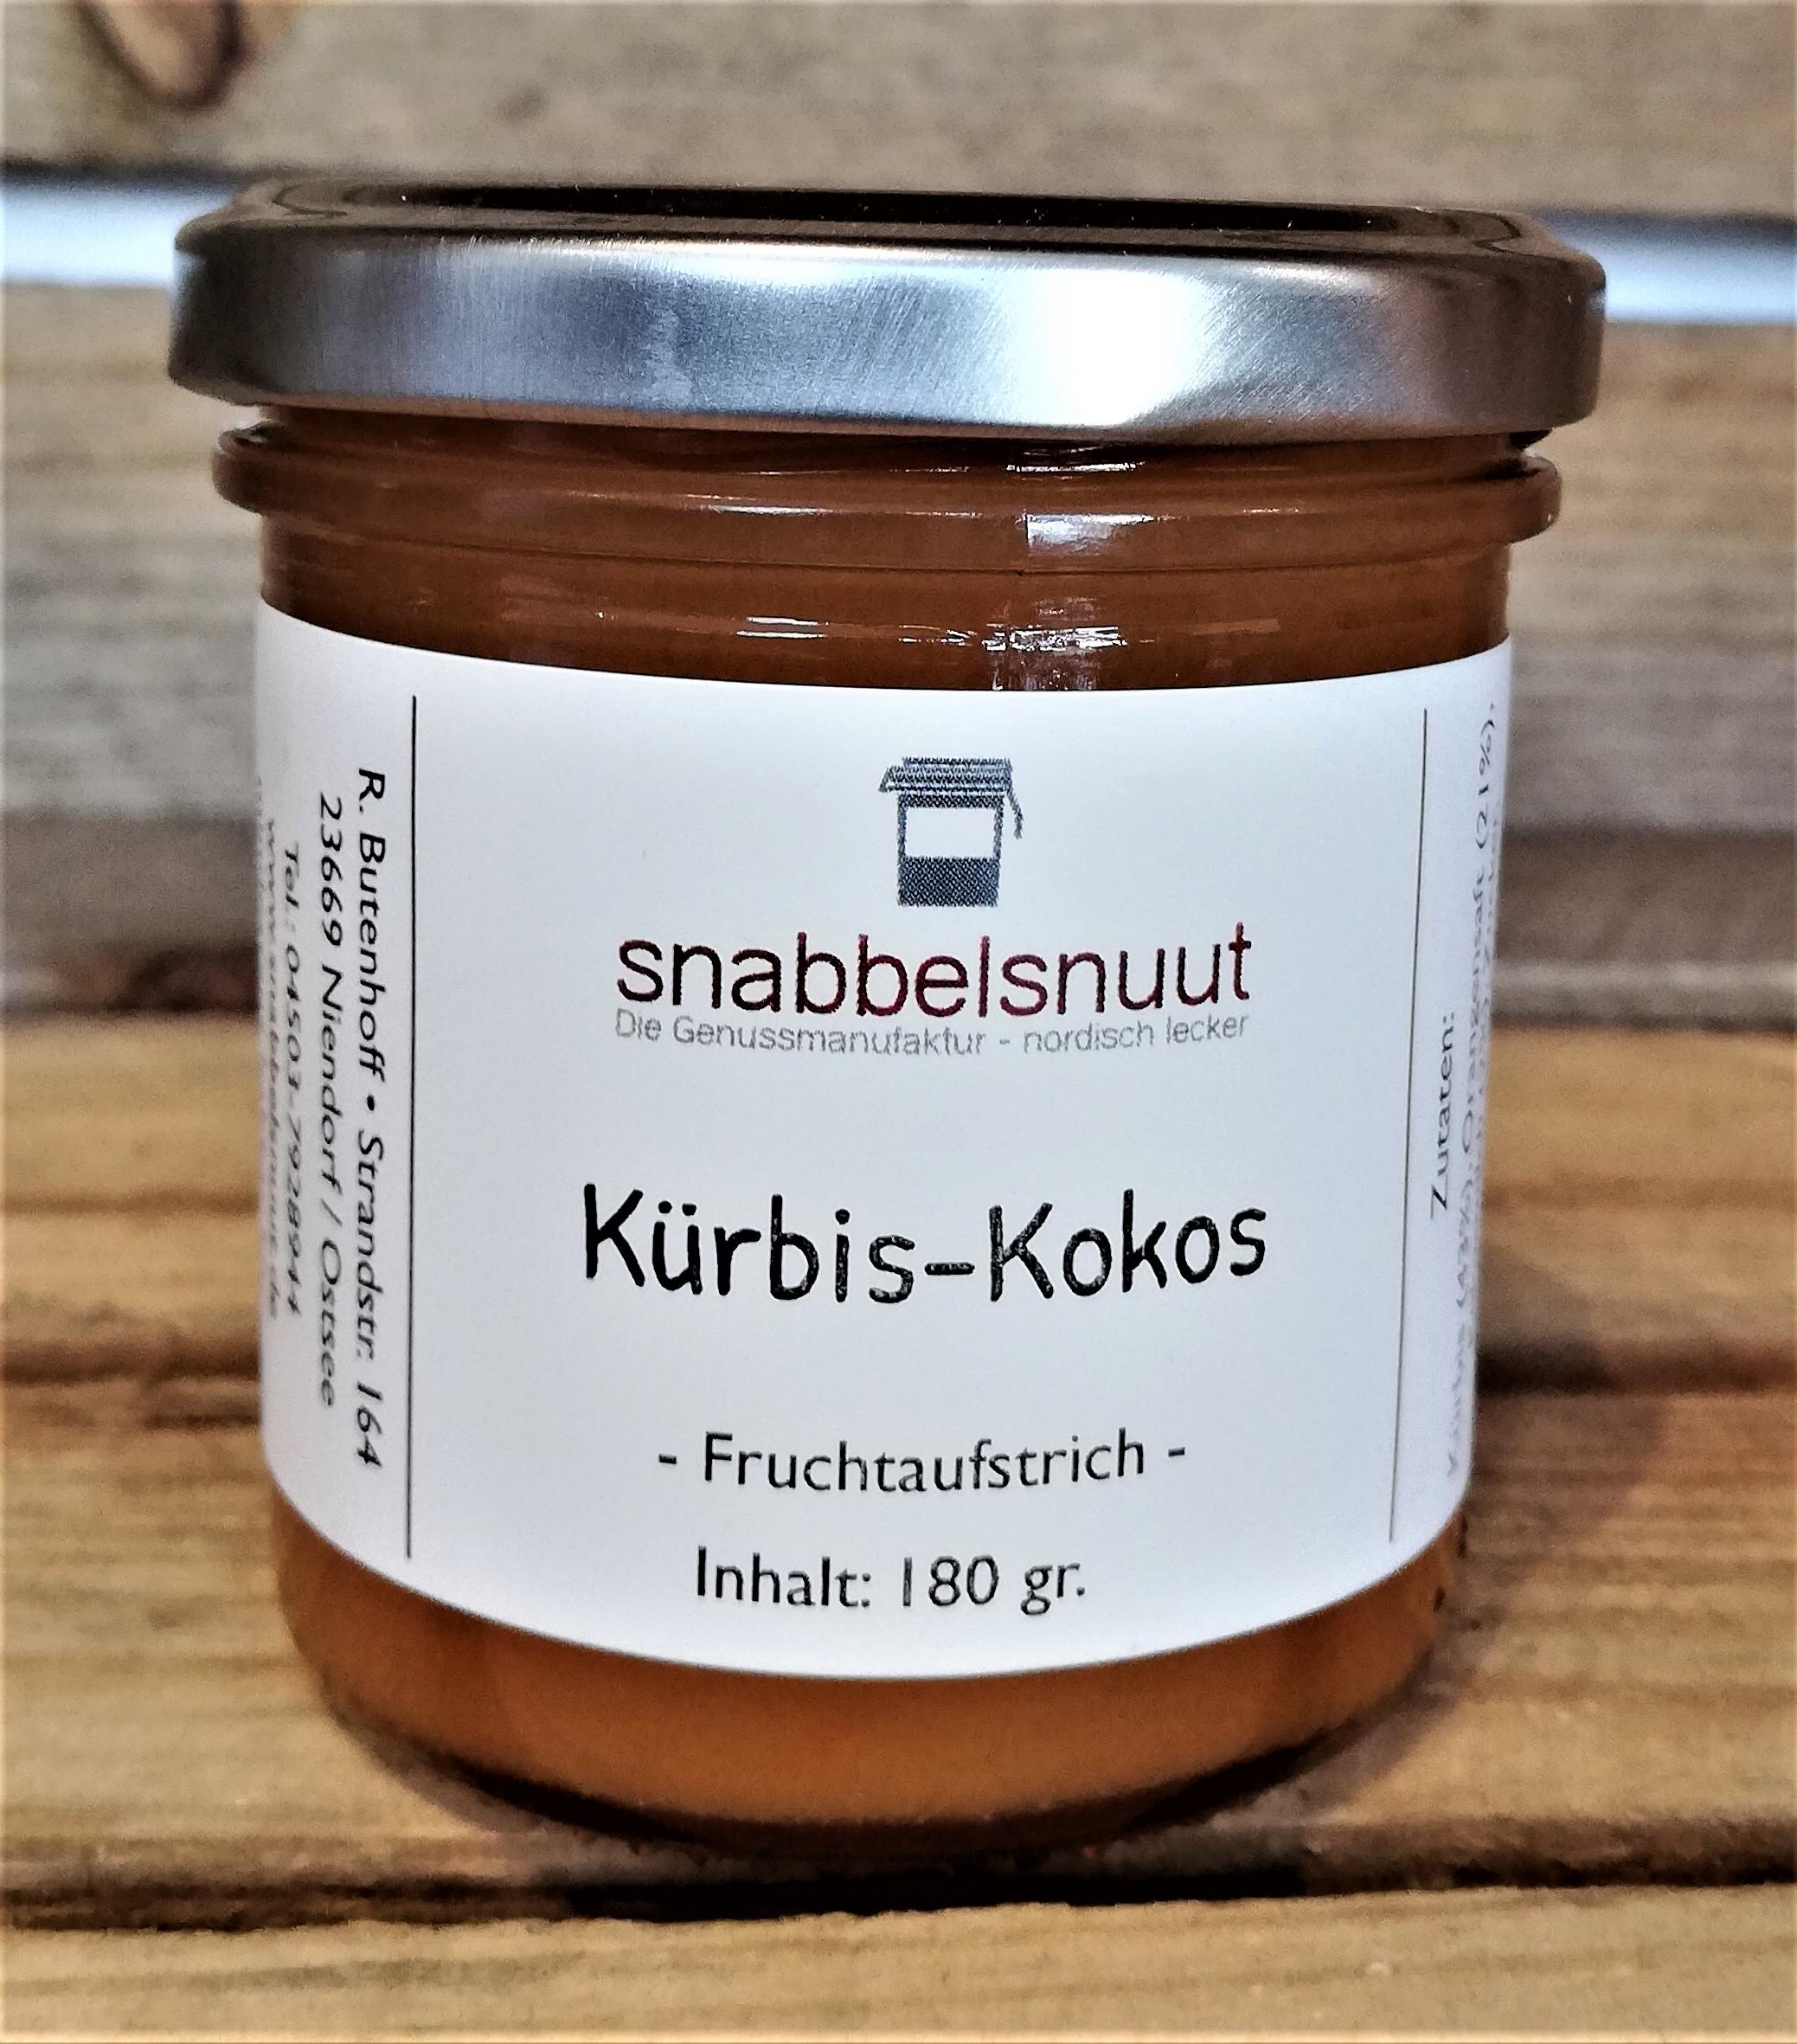 Kürbis-Kokos